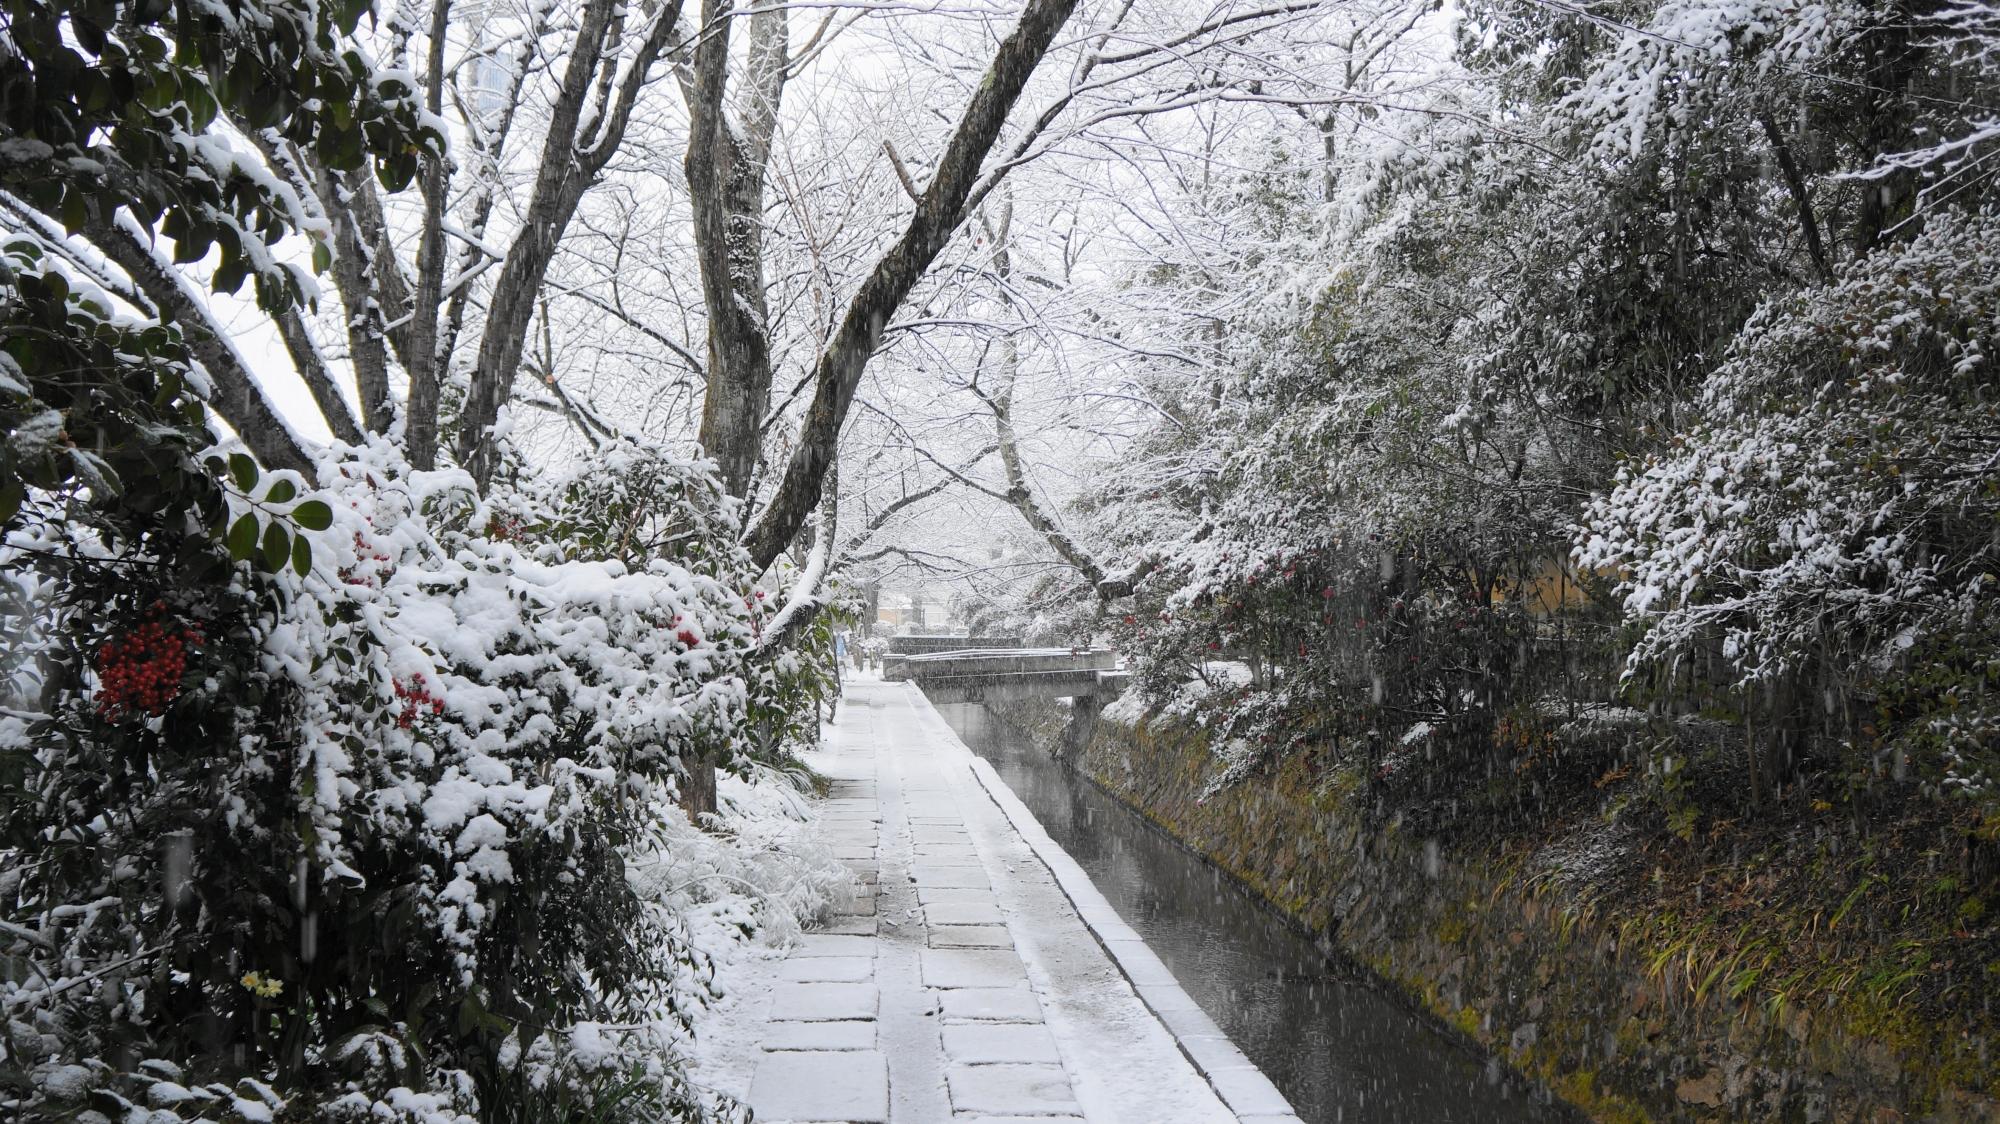 静寂につつまれたしんしんと雪が降り積もる哲学の道